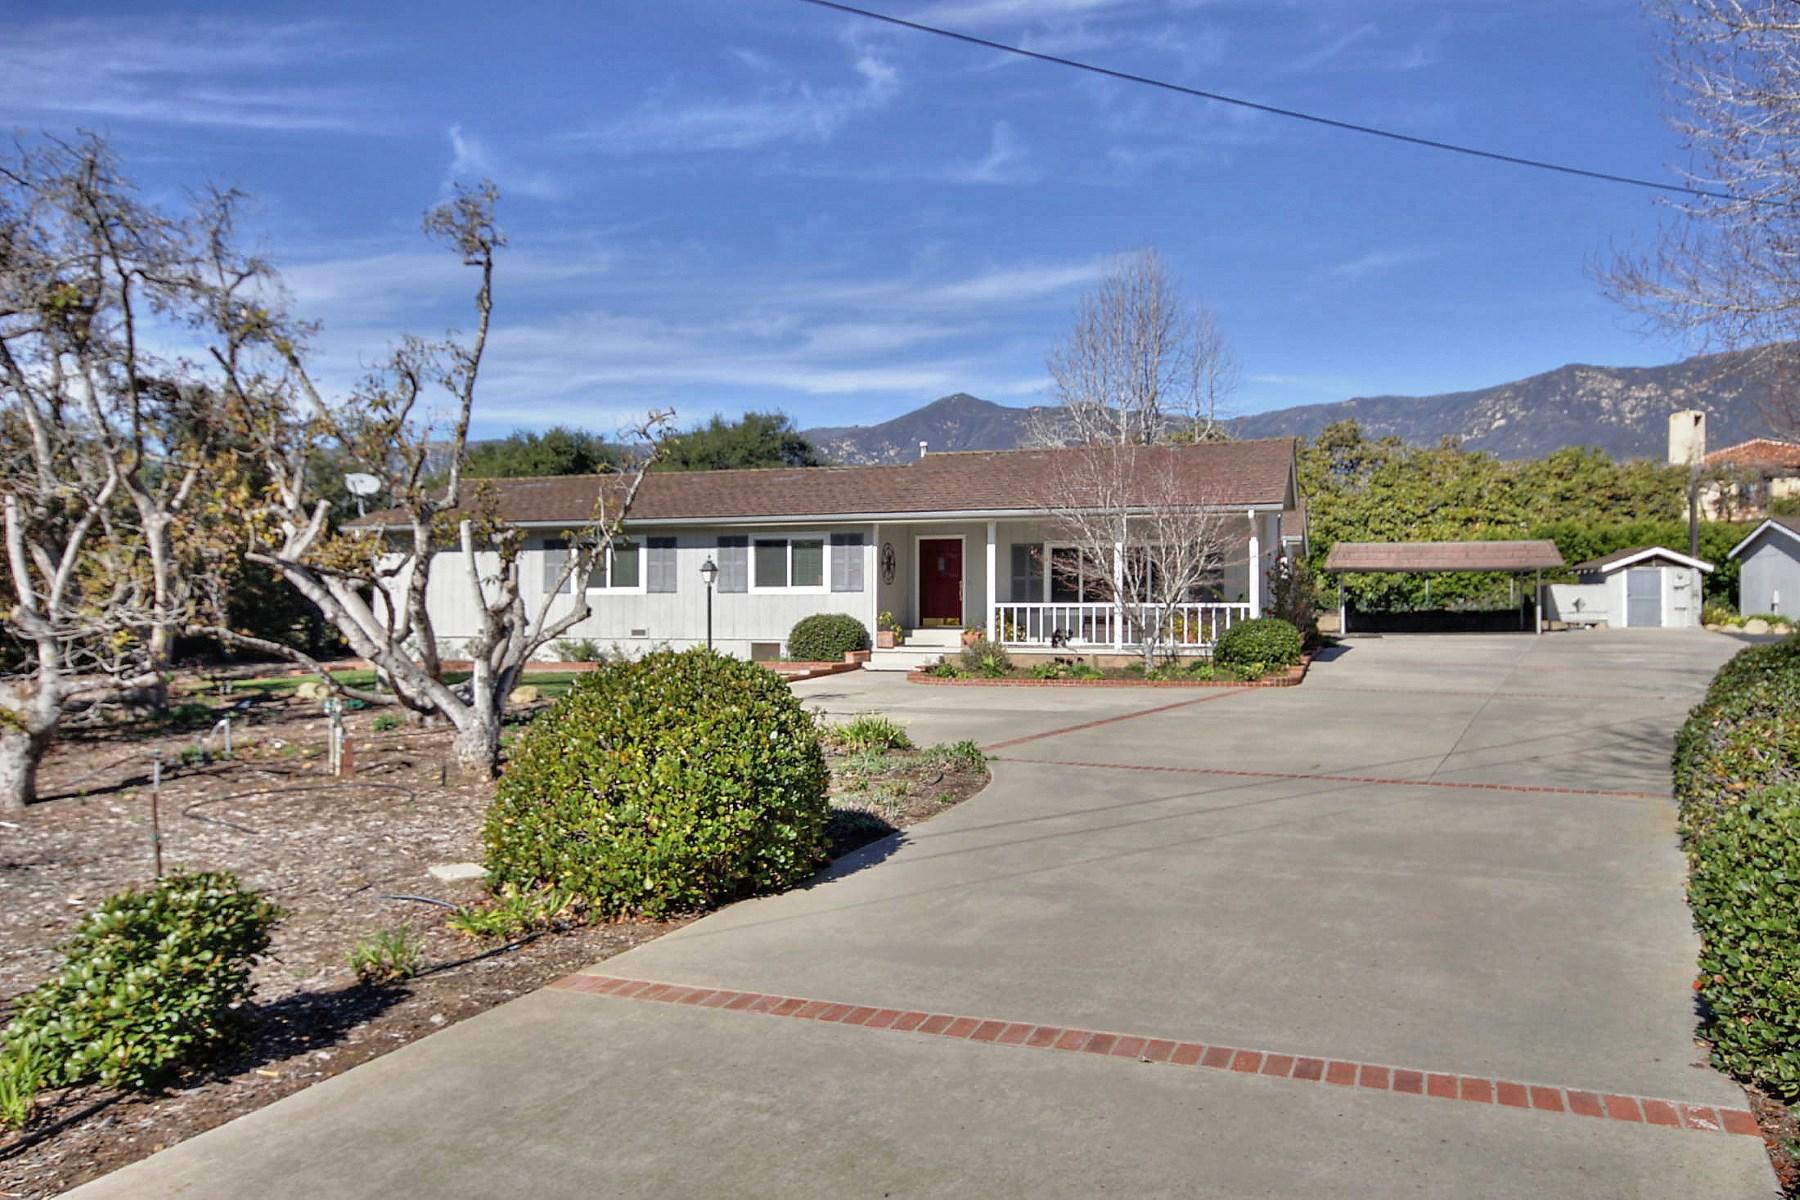 一戸建て のために 売買 アット Montecito Home, Prime Location. 120 Tiburon Bay Lane Montecito, カリフォルニア 93108 アメリカ合衆国